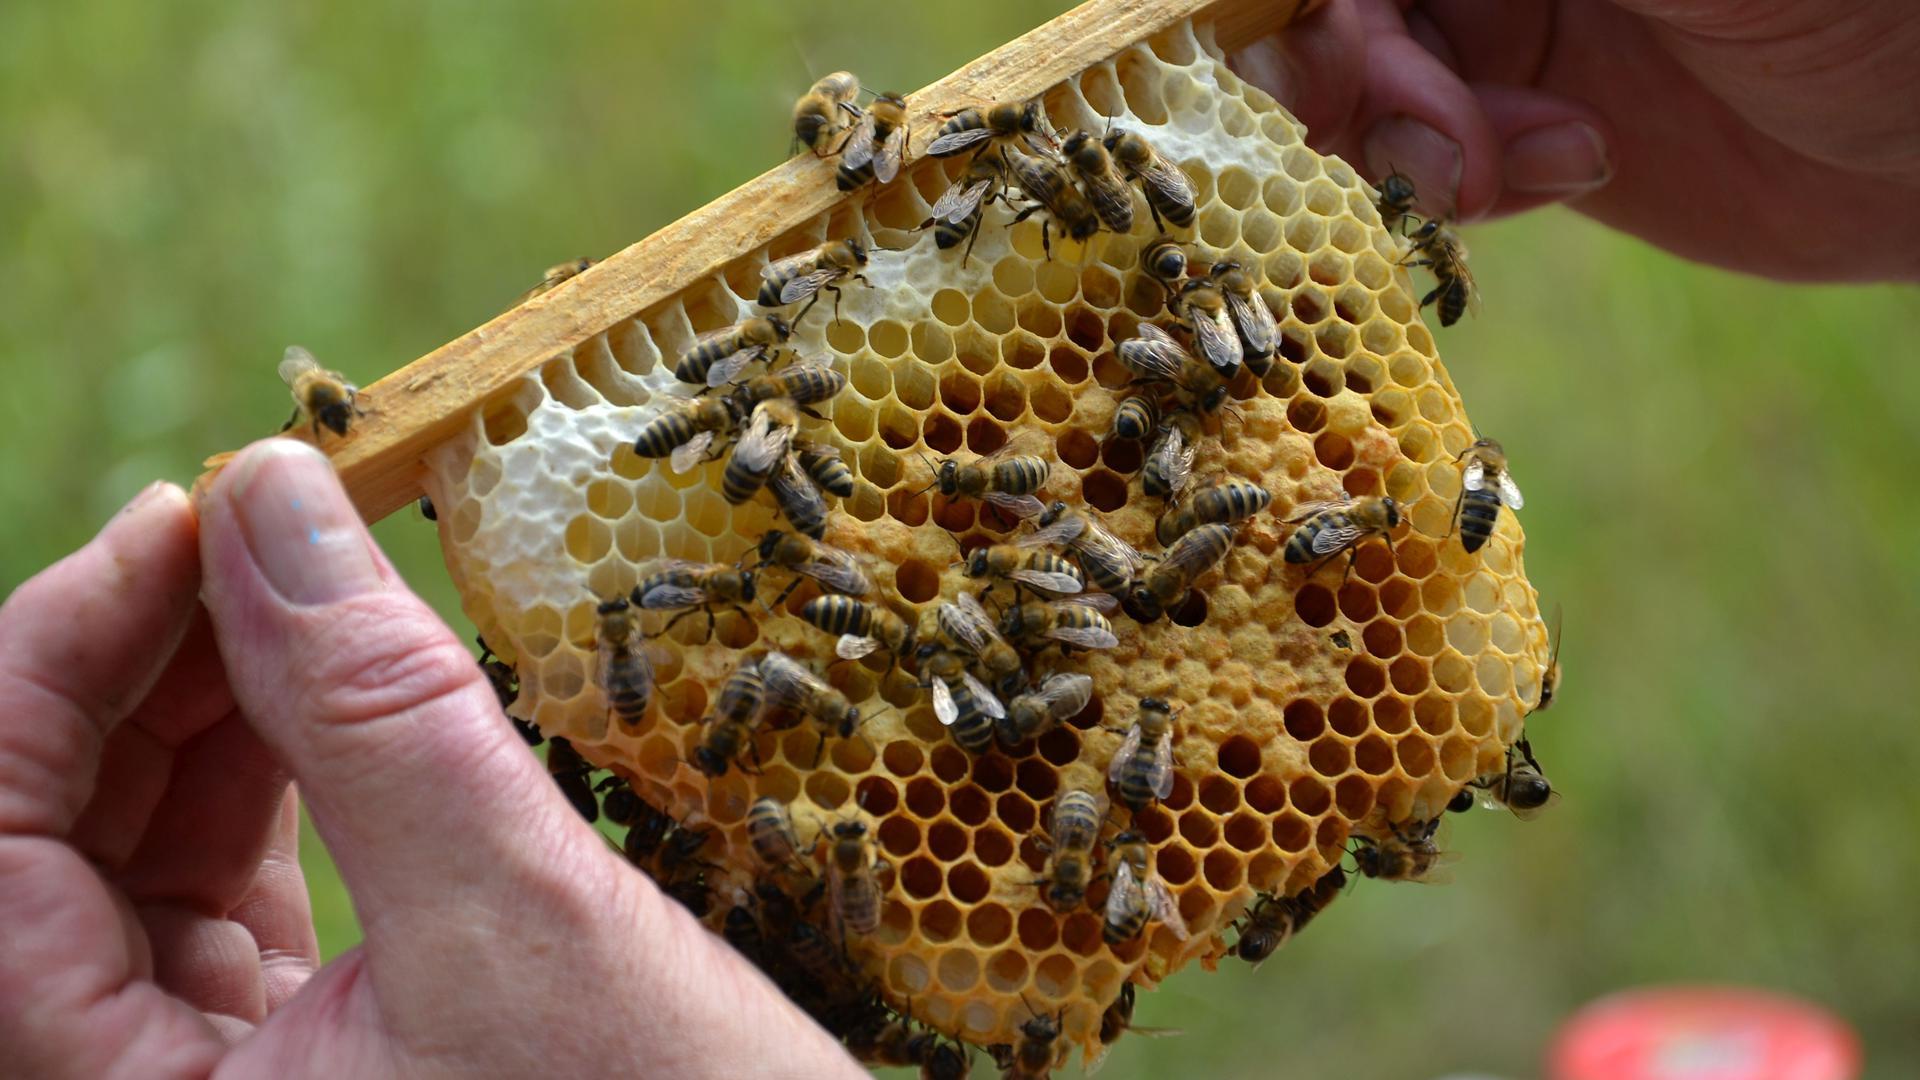 Bienen-Jungvolk auf einem Rahmen mit Waben